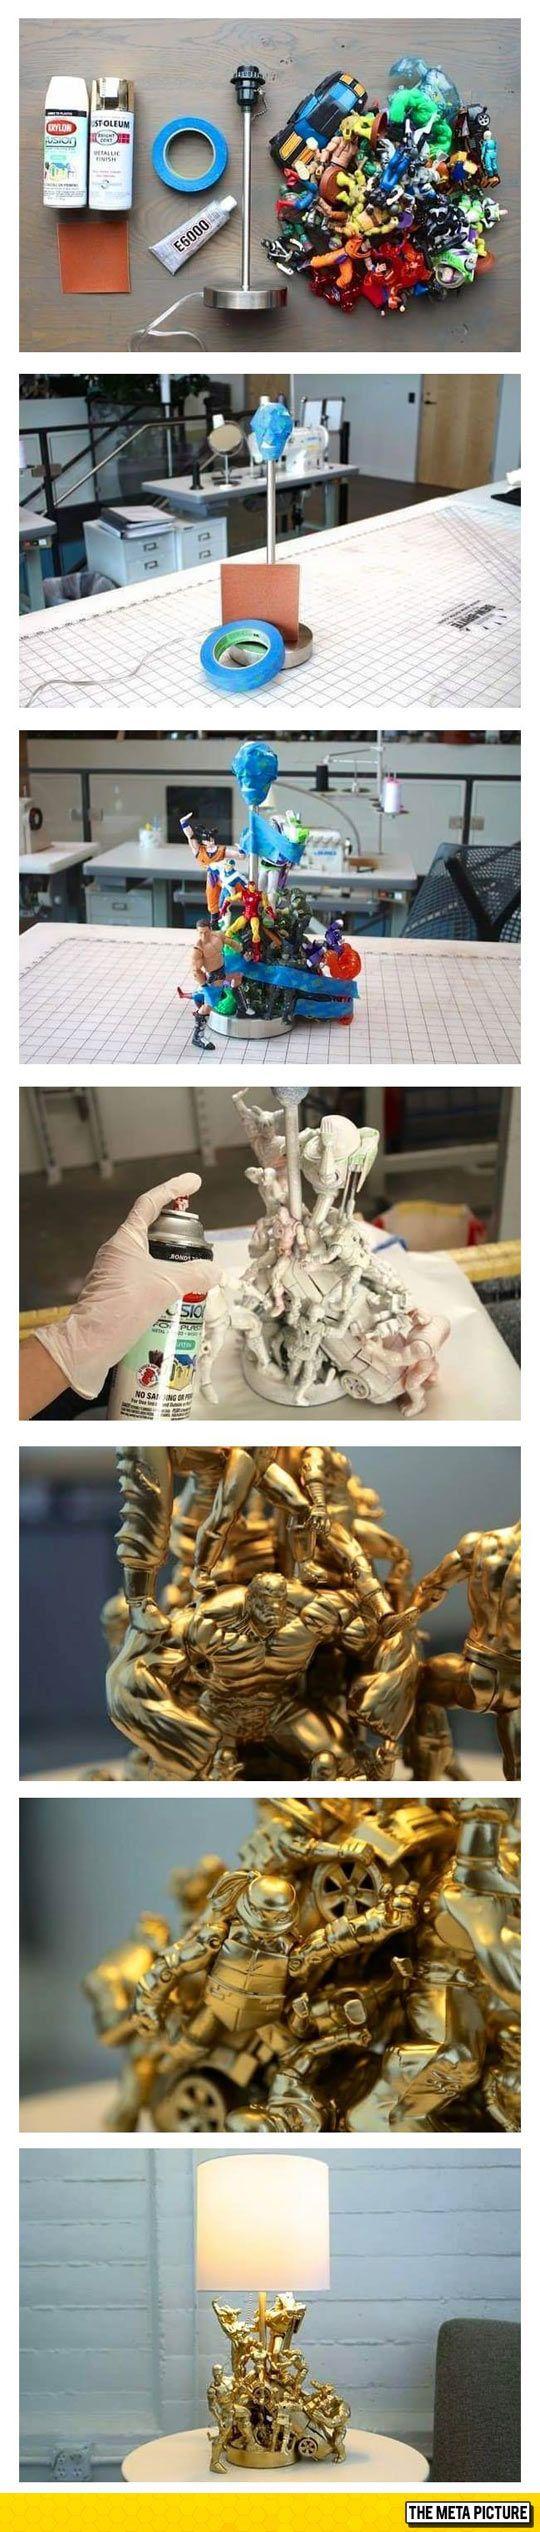 Cómo crear un super héroe de la lámpara